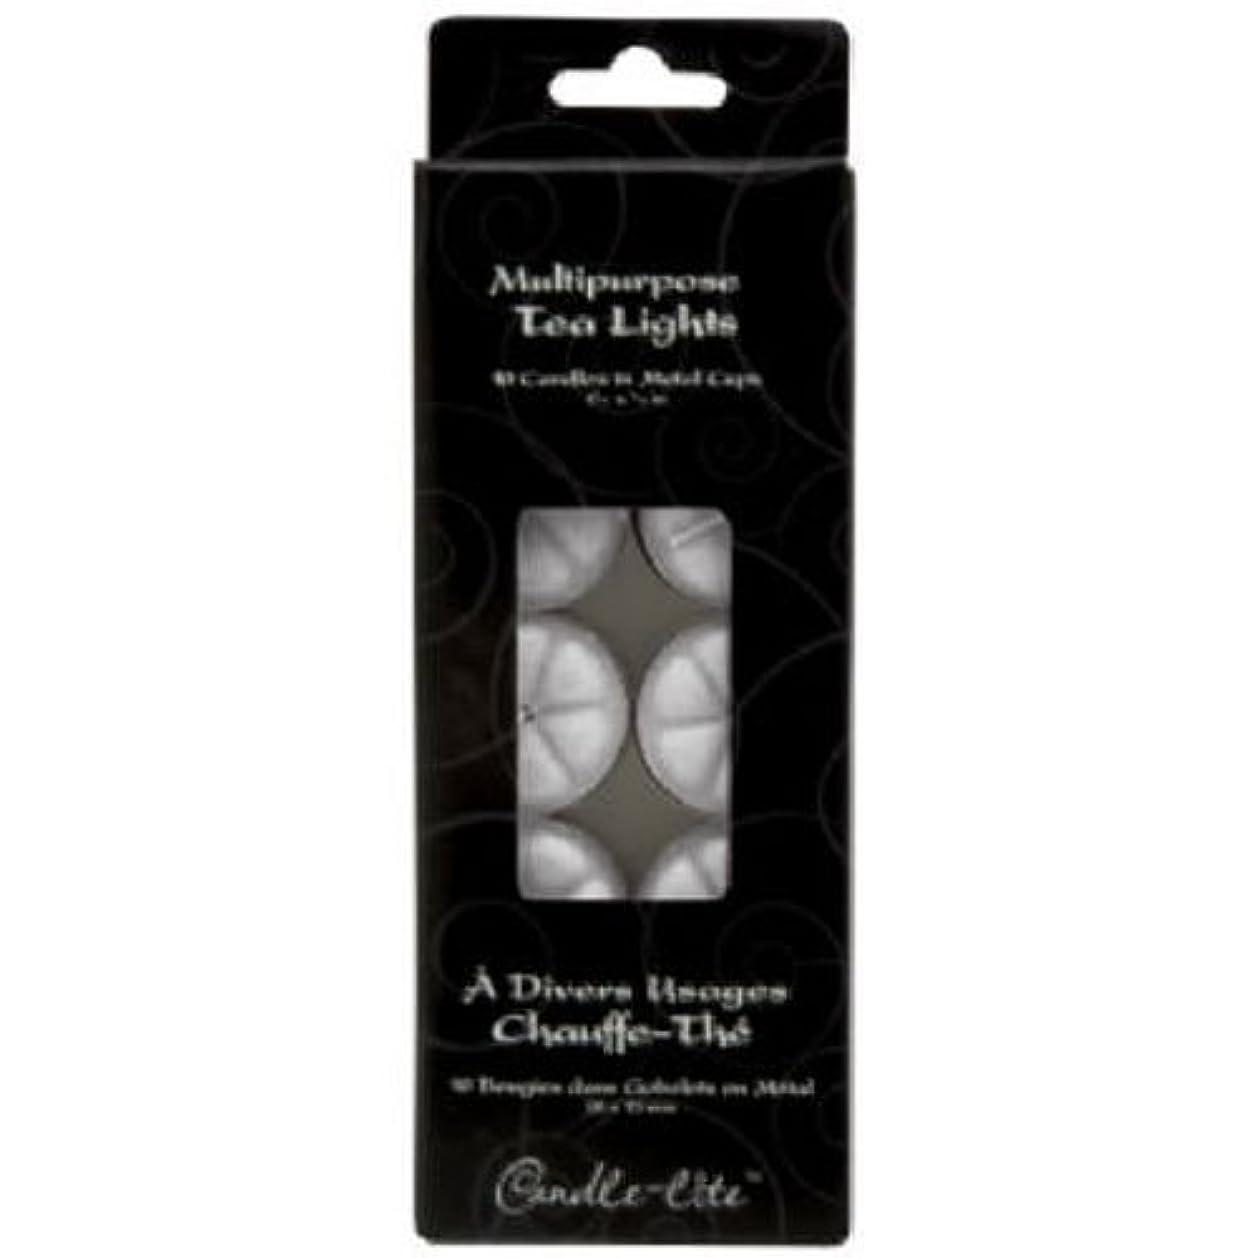 リテラシーリンケージ純粋なTea Light Candles 10-Count (並行輸入品)